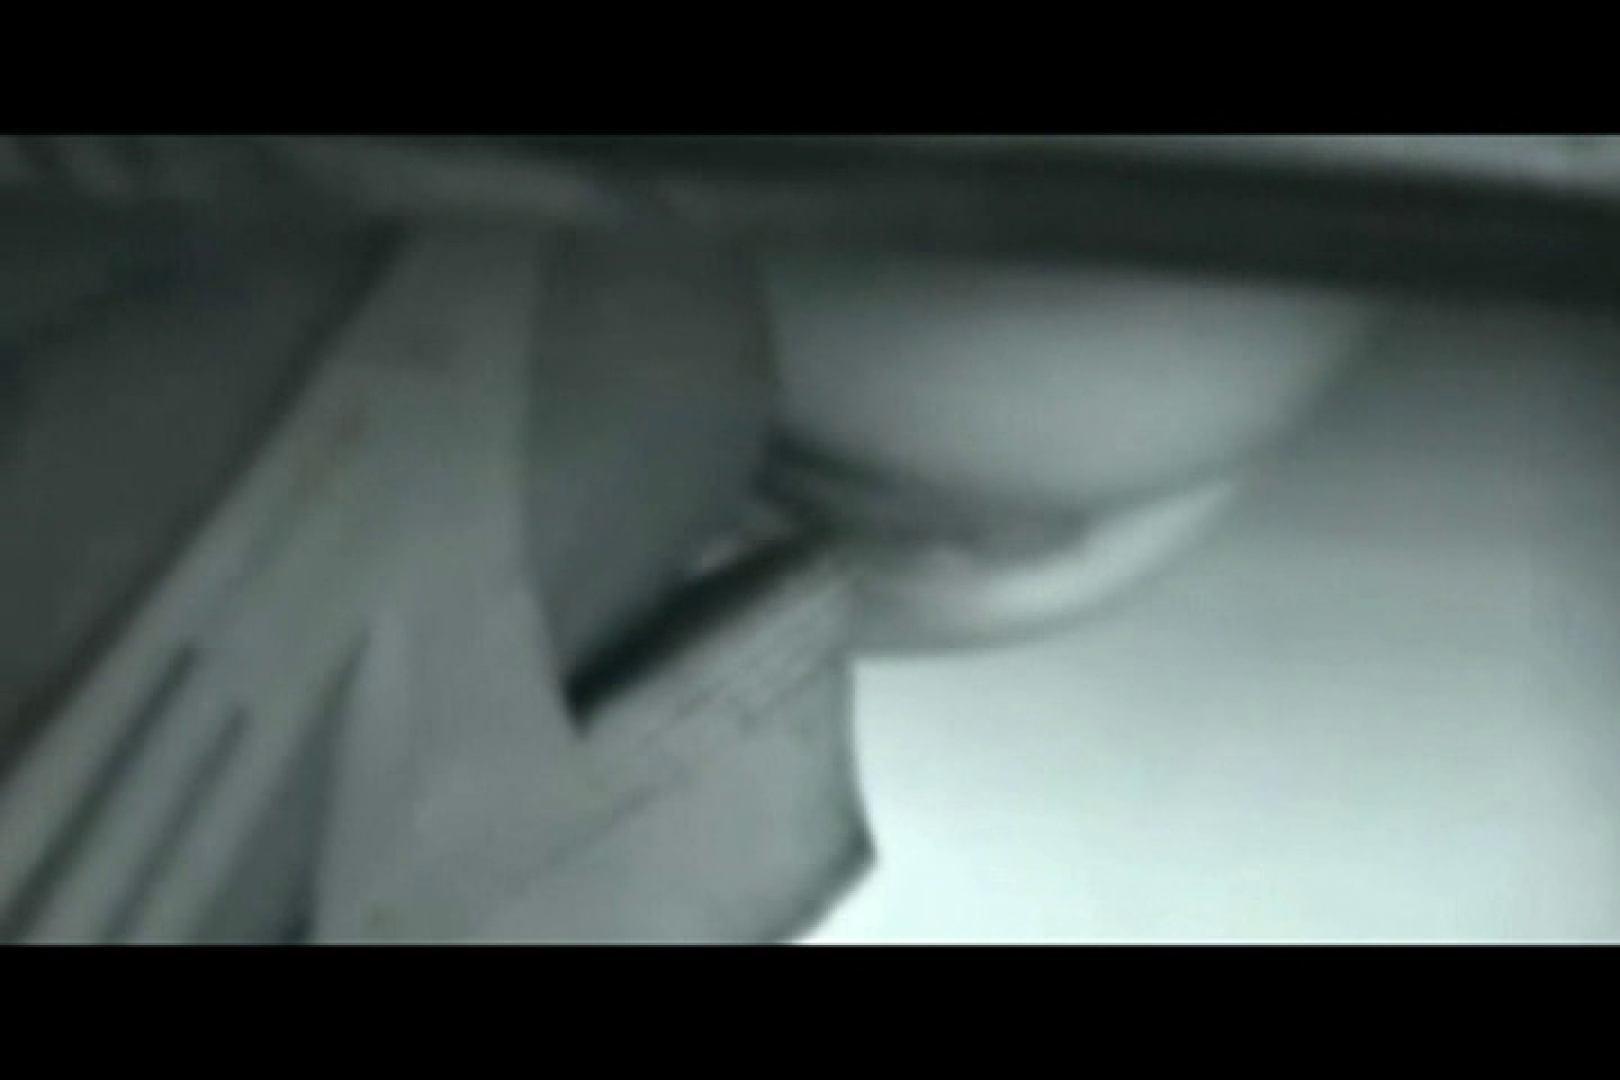 ぼっとん洗面所スペシャルVol.17 OLエロ画像   生おまんこ  74PICs 55